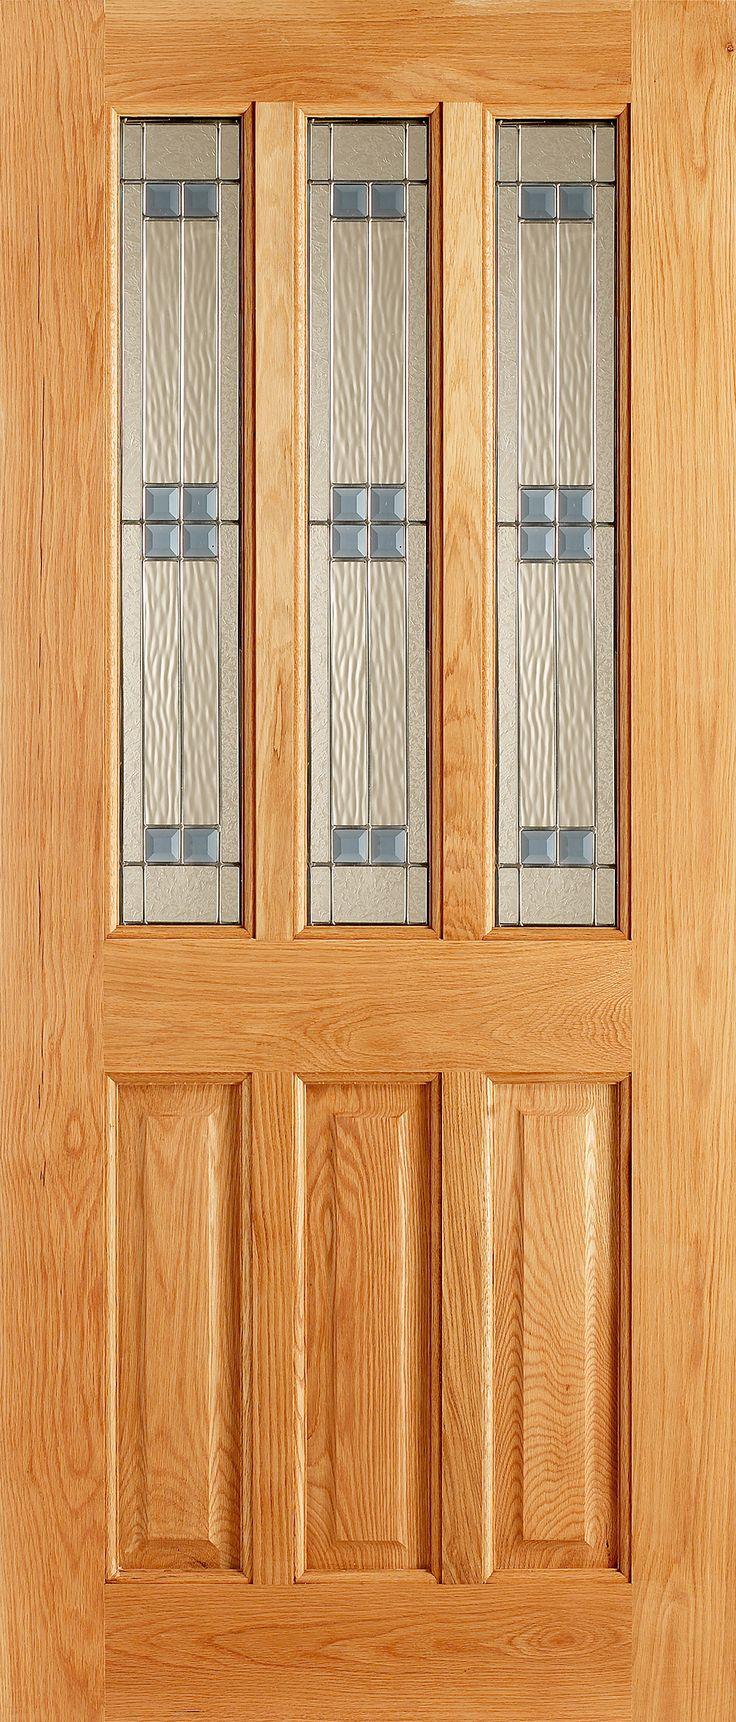 19 best Front Door images on Pinterest | Front doors, Entrance doors ...